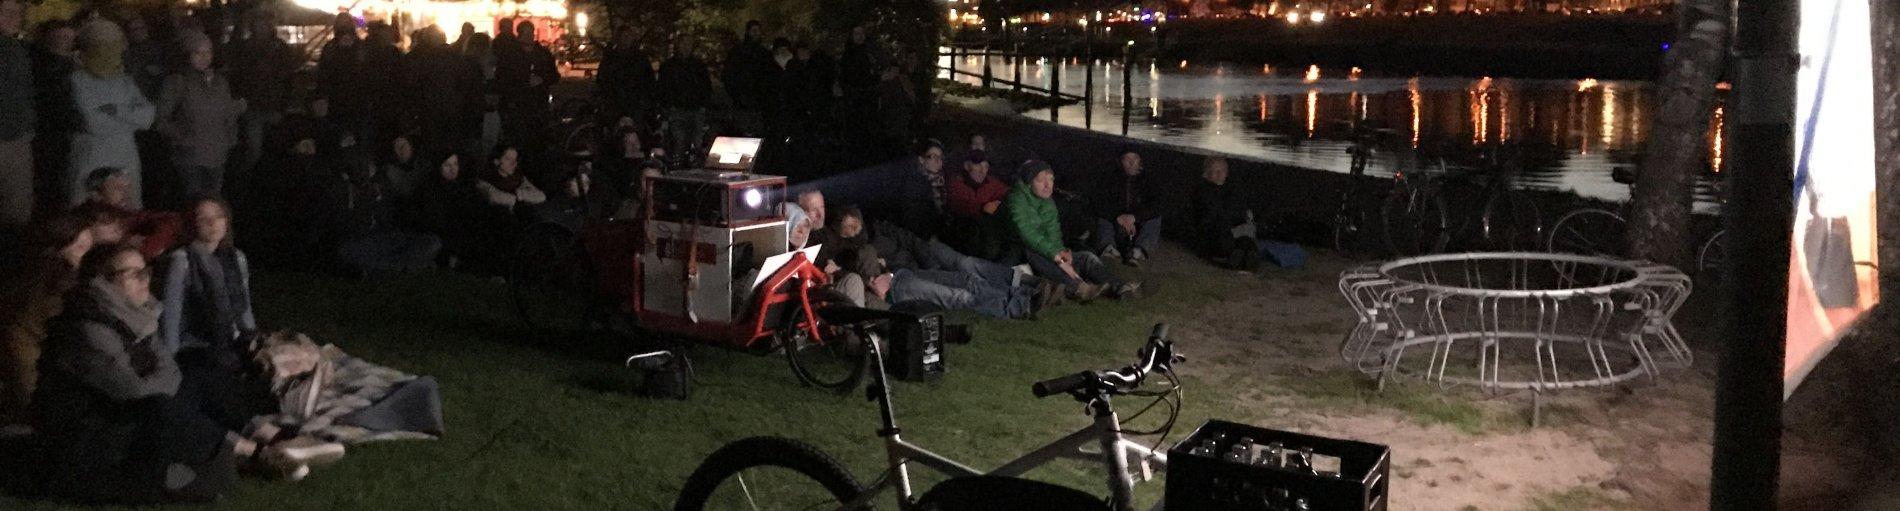 Eine Gruppe von Menschen sitzt am Weserstrand und schaut einen Film.